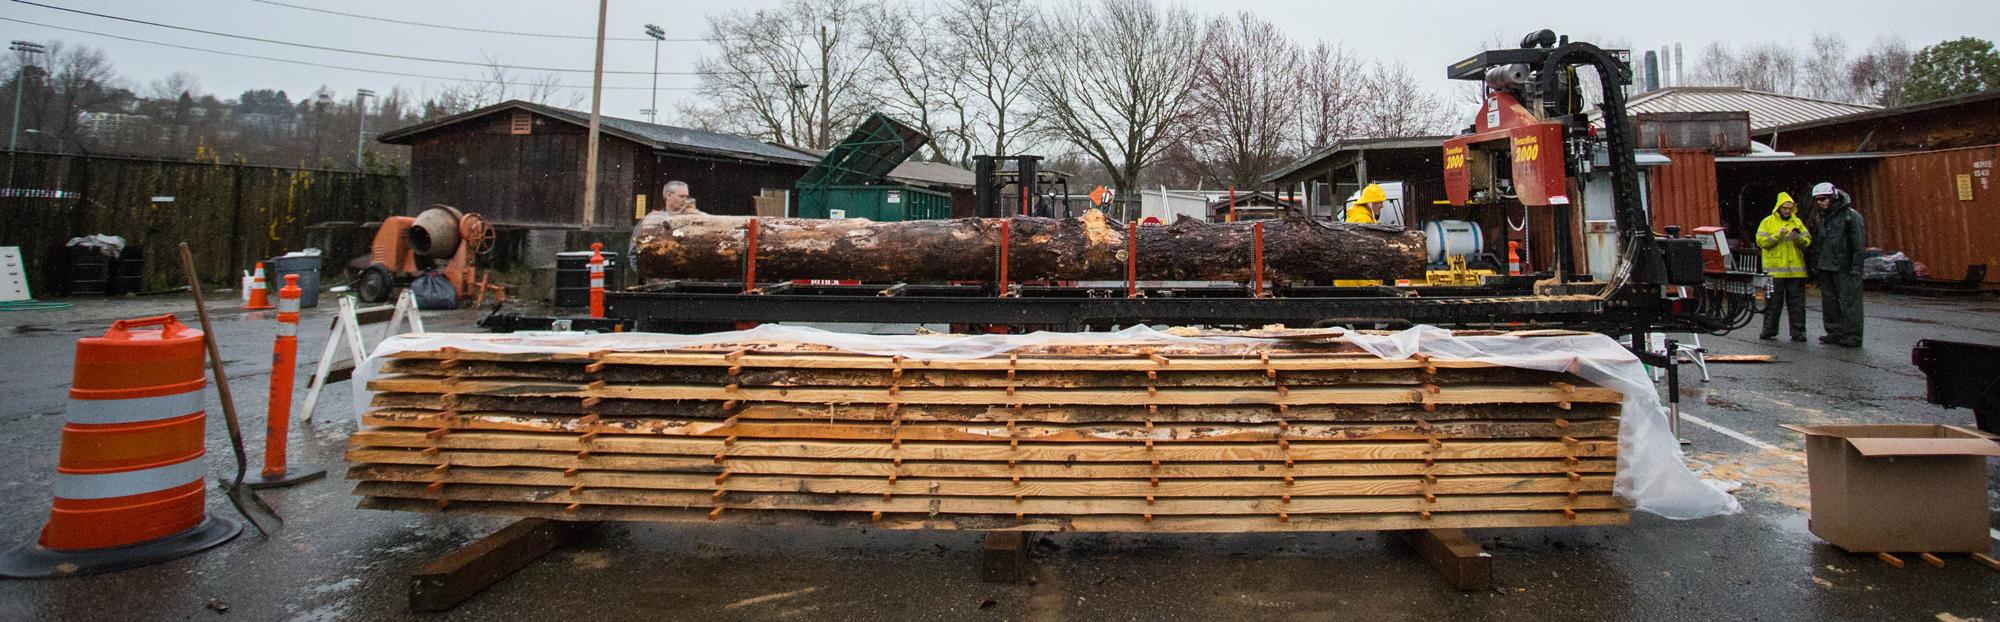 Ponderosa Pine slabs in lumbermill